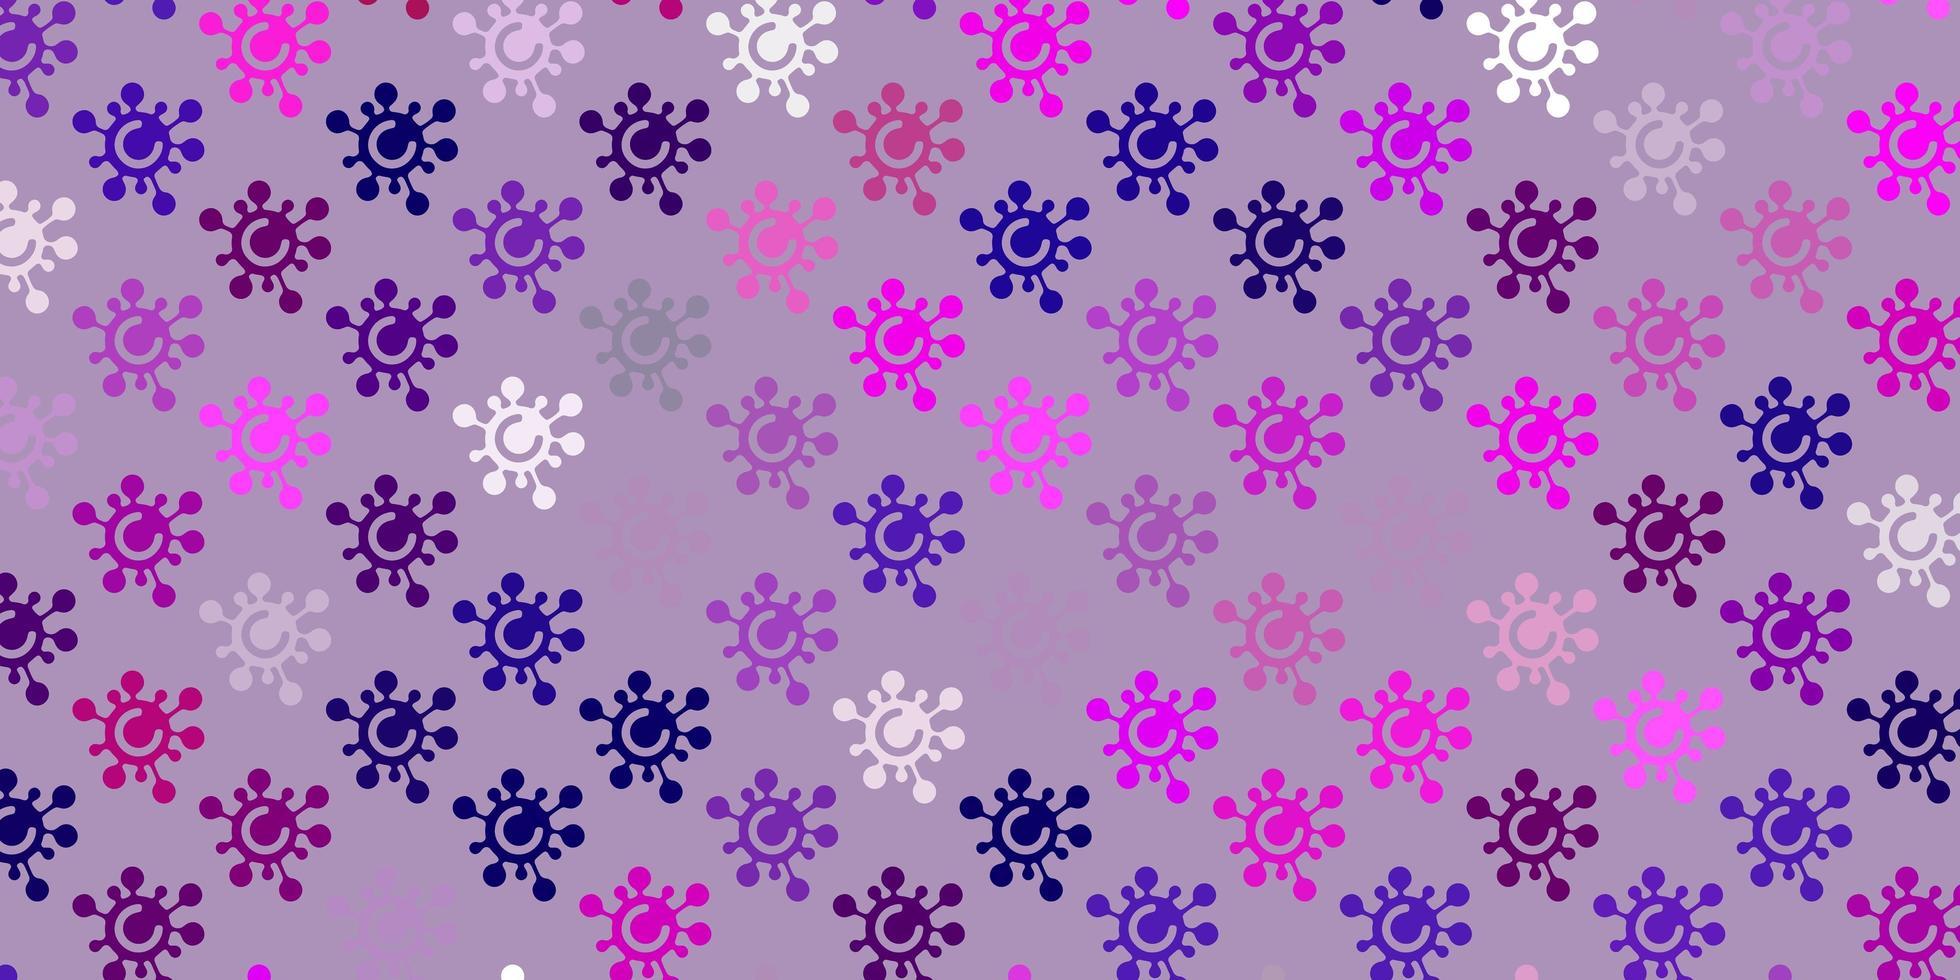 ljuslila, rosa vektor bakgrund med virussymboler.